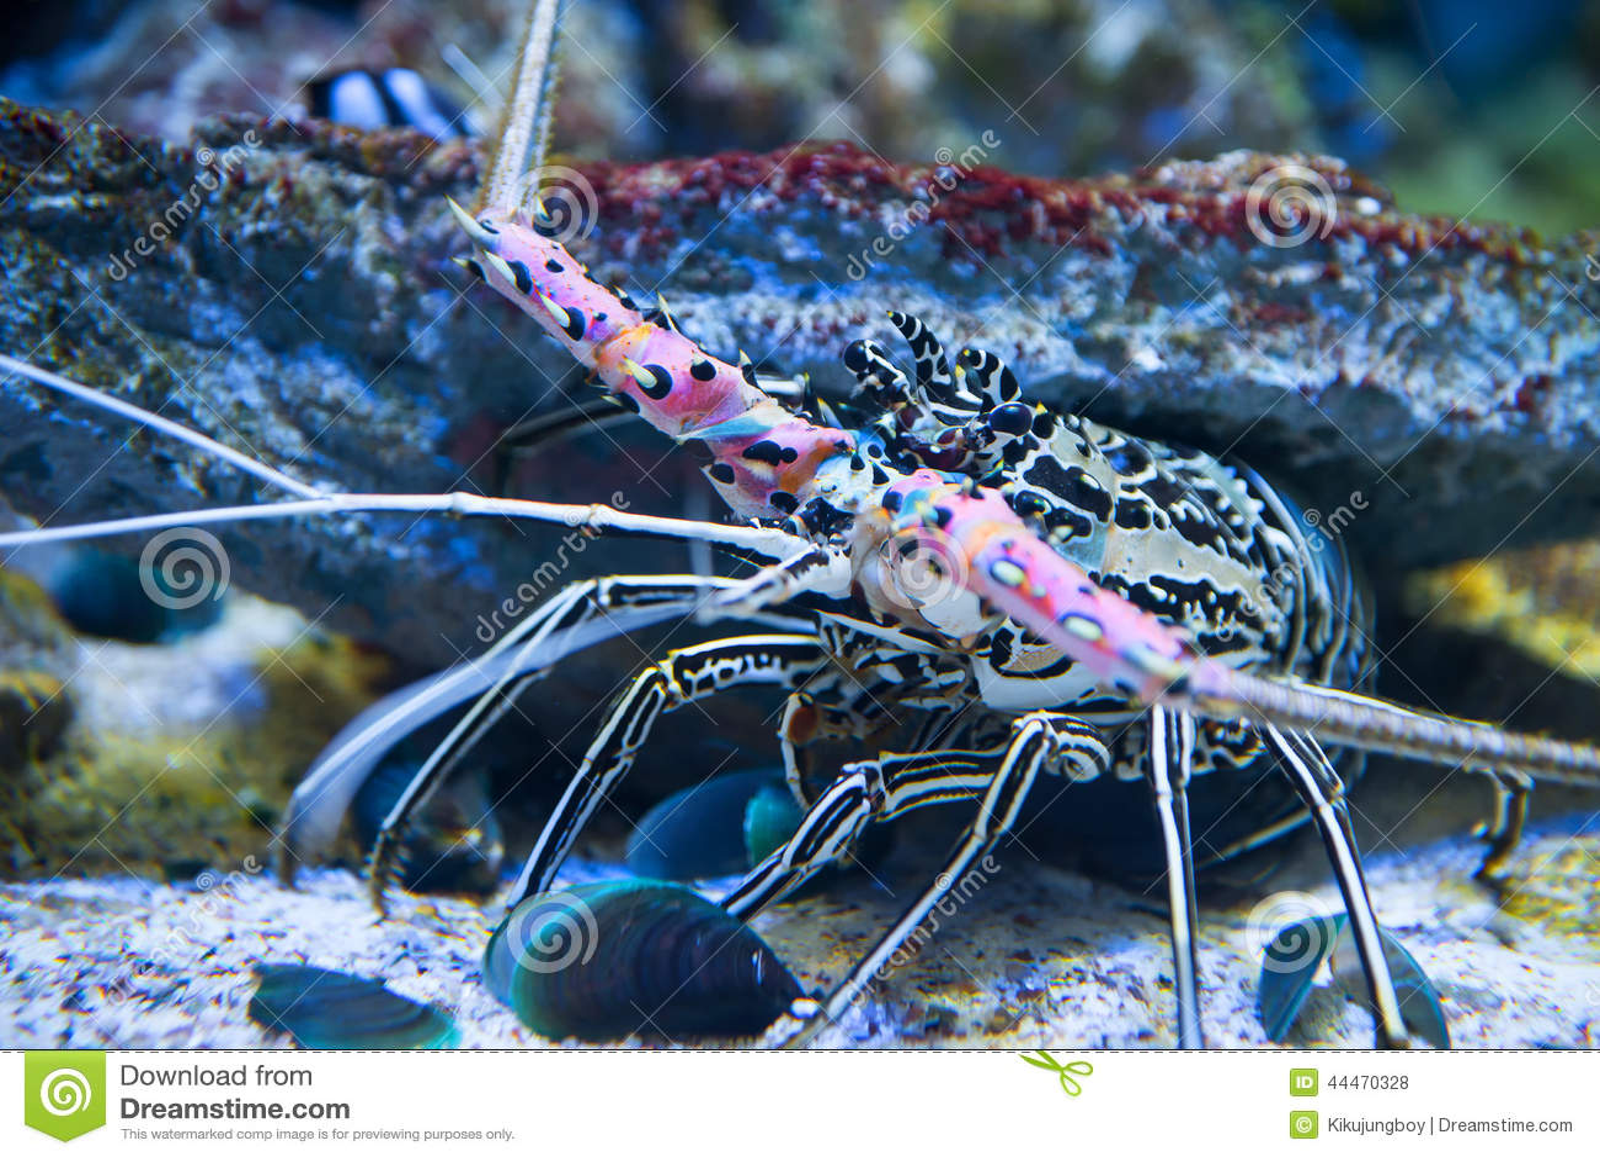 Lobster Underwater Giant Lobster, ...